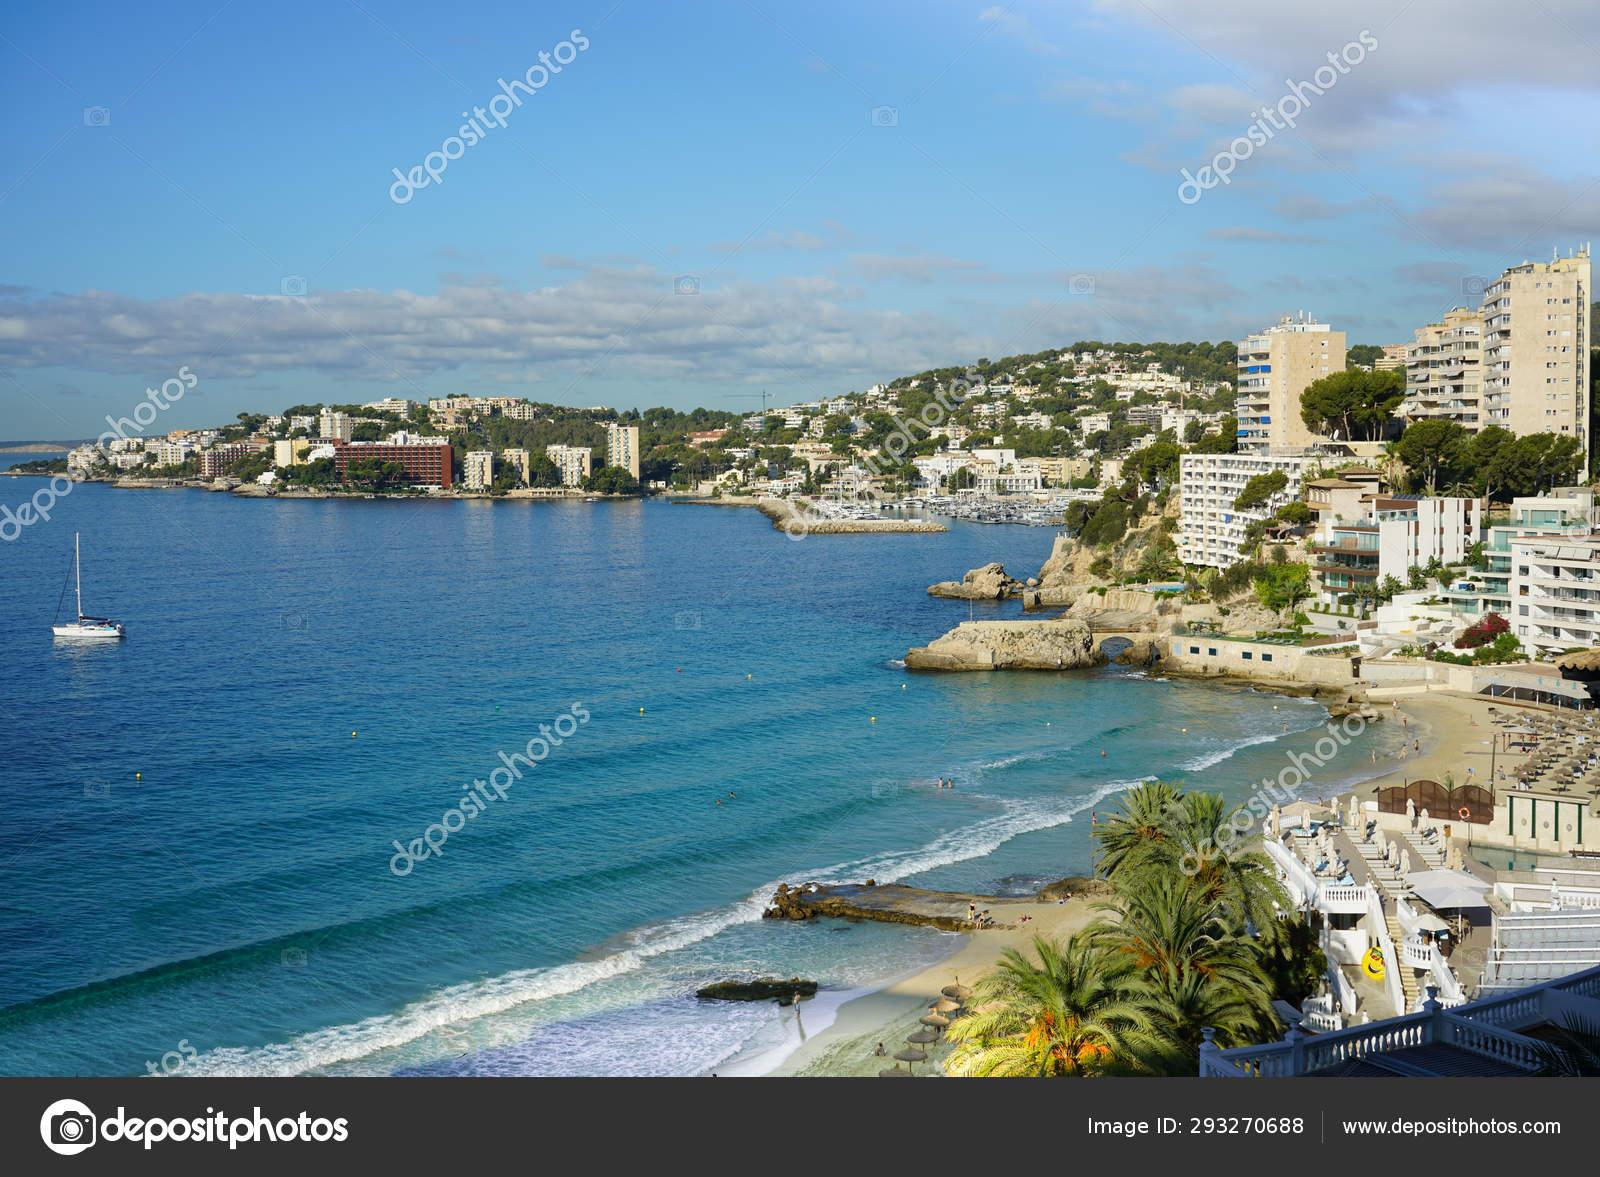 Cala Major Beach In Palma De Mallorca Spain Top View